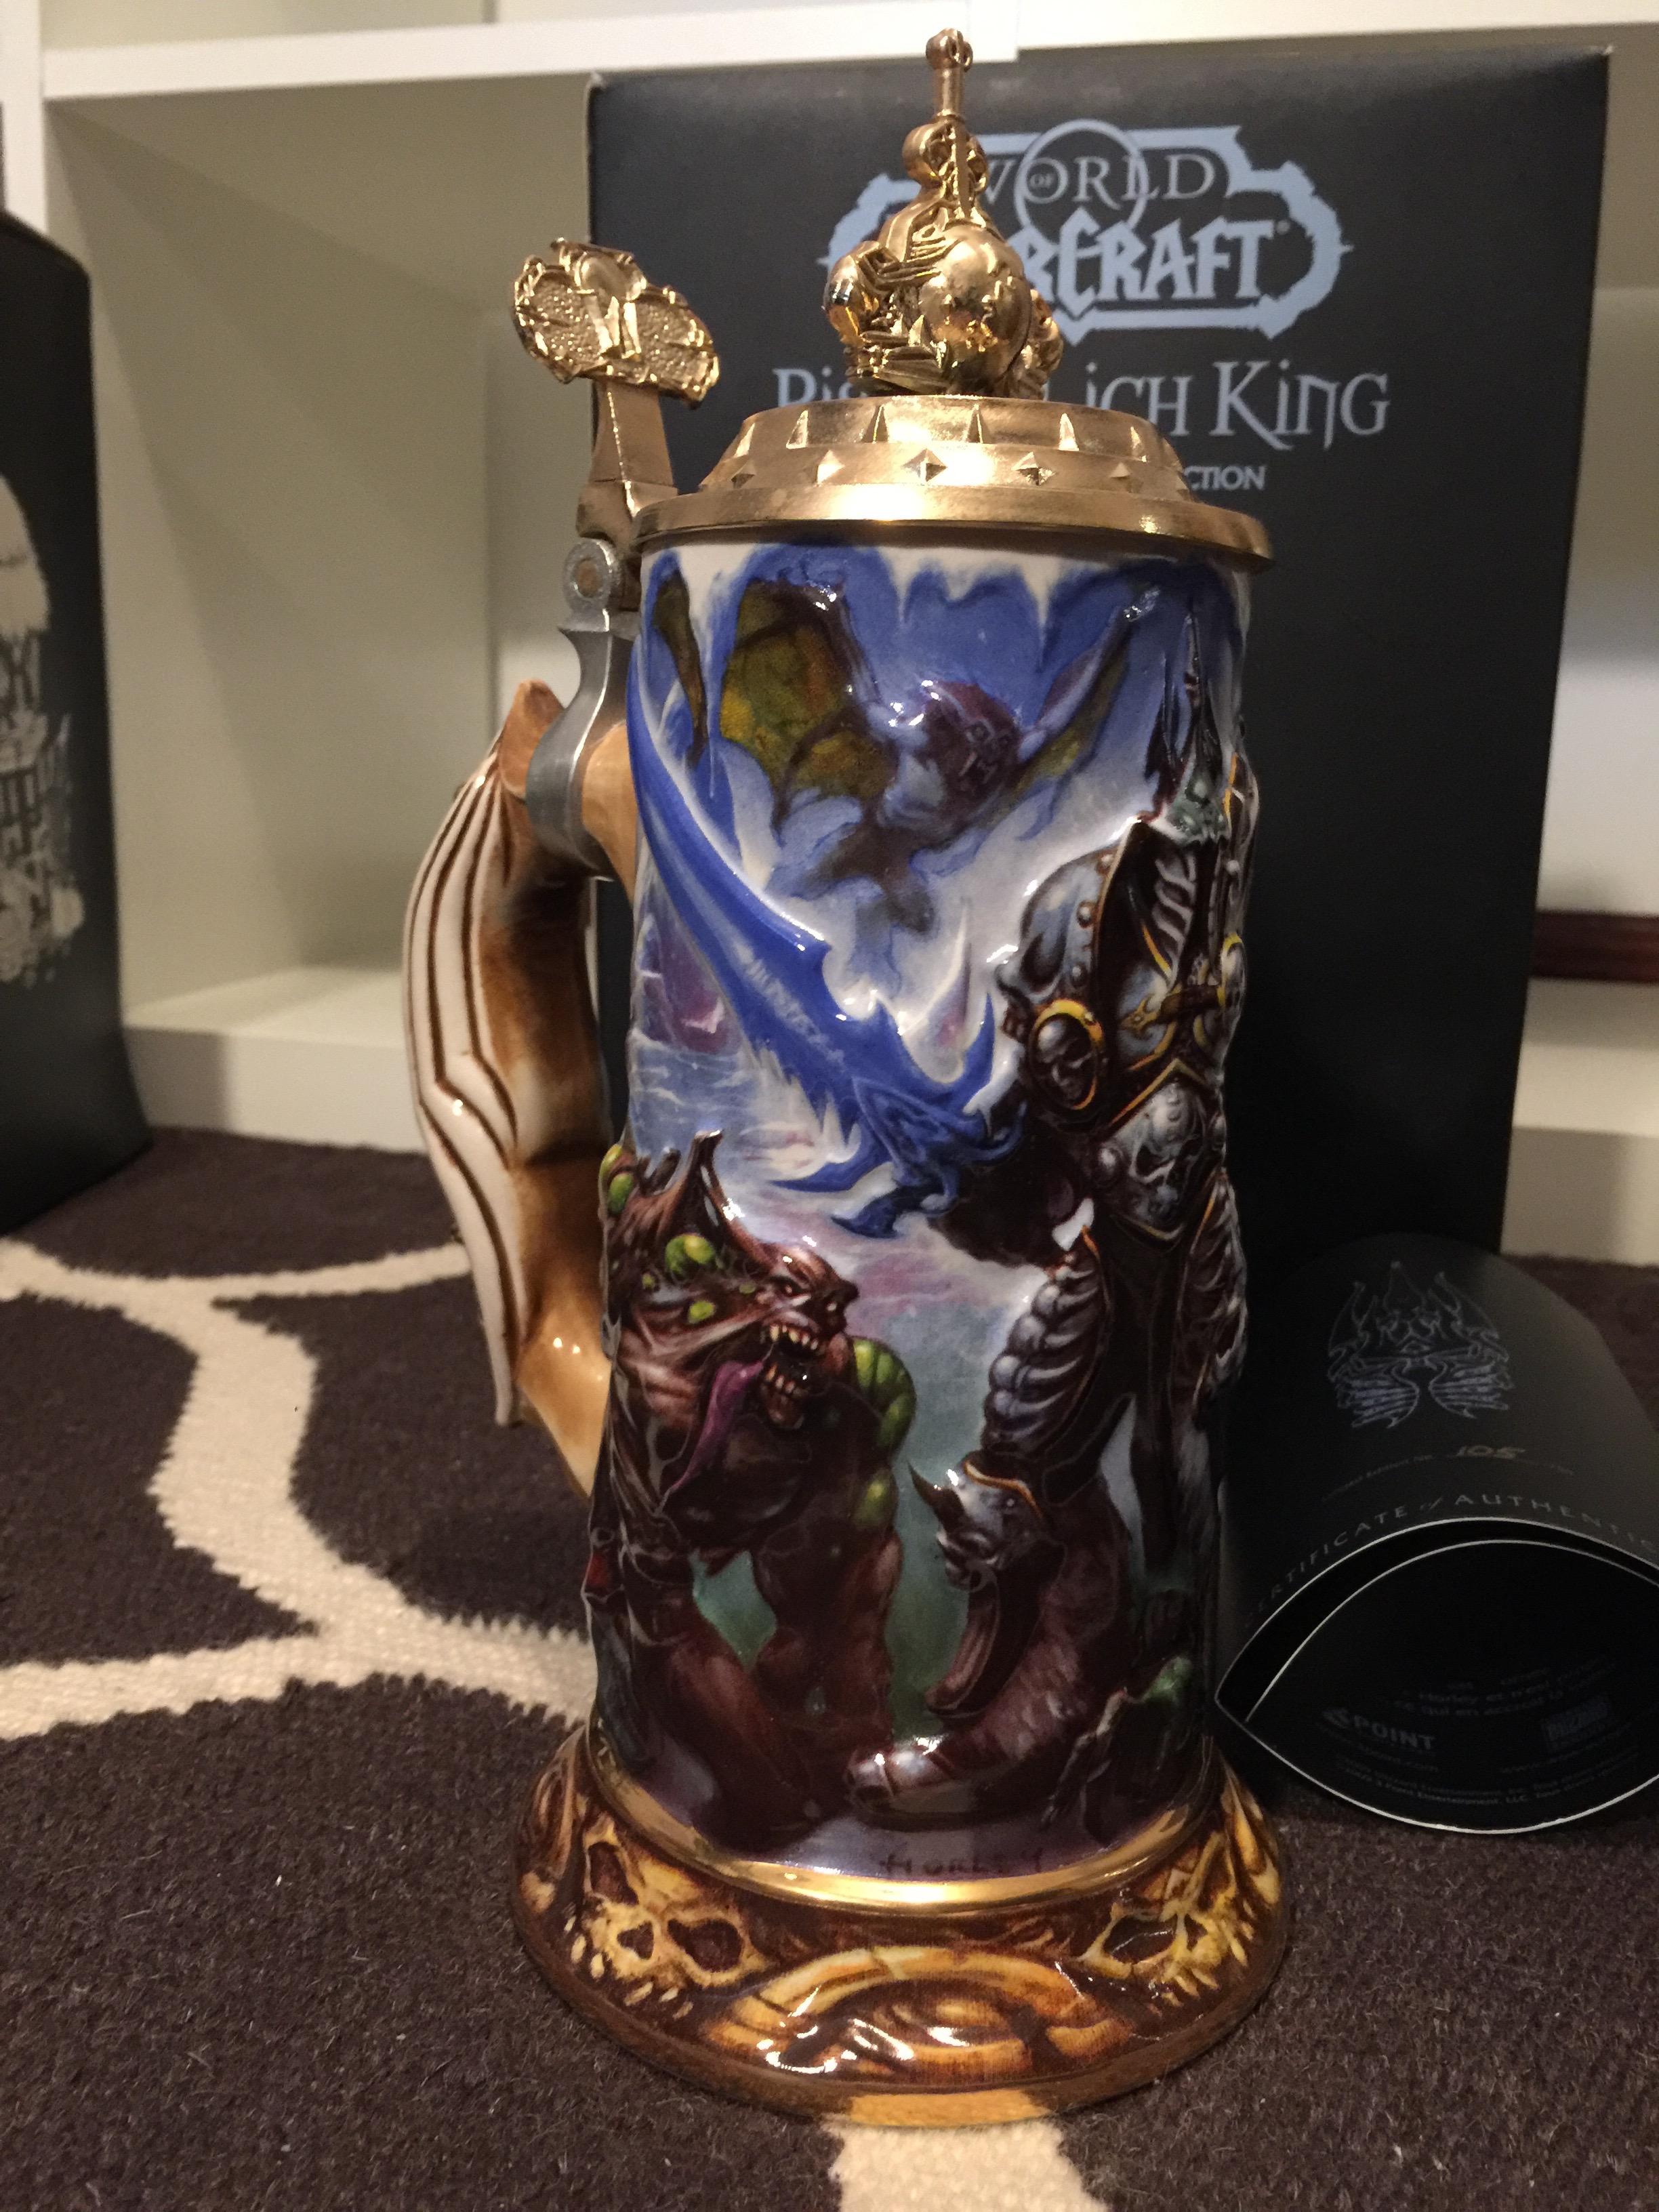 现货 魔兽世界 啤酒杯 典藏 镀金 传说 史诗  巫妖王 鱼人 超稀有